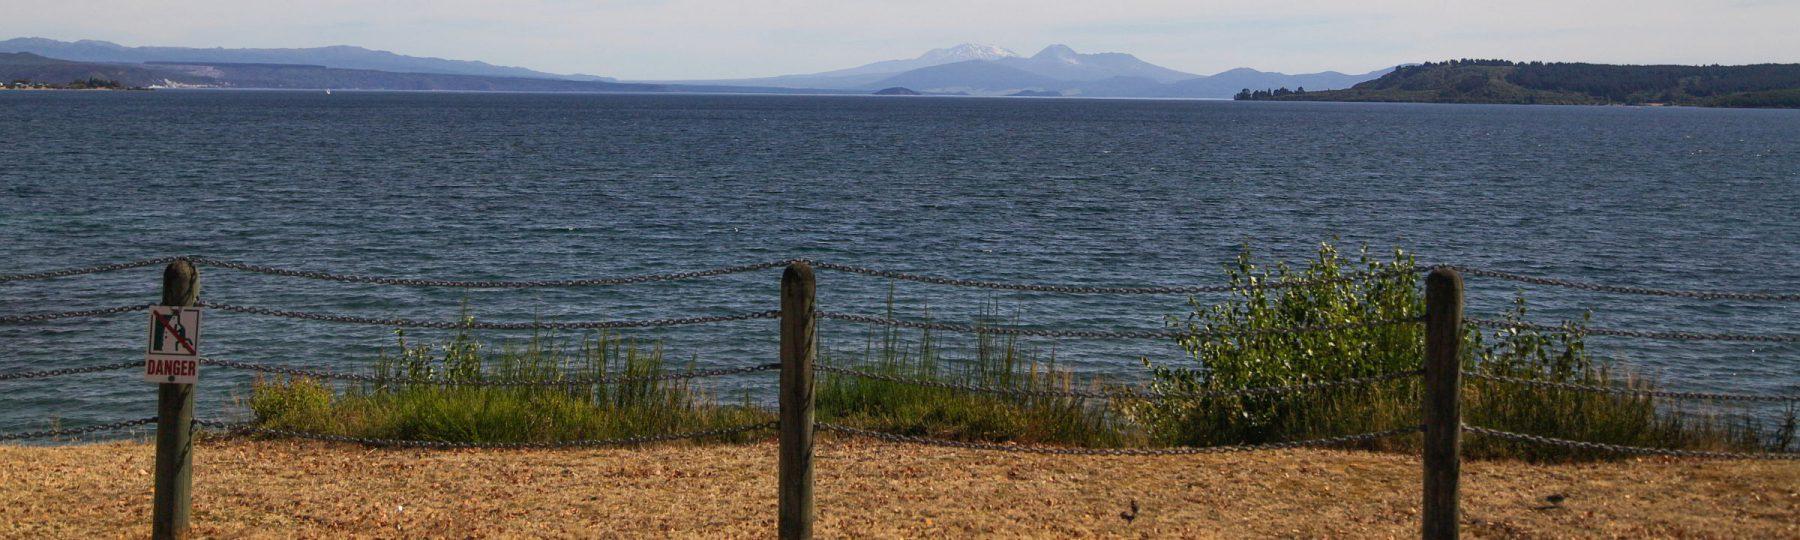 Lake Taupo und die Vulkanlandschaft im Hintergrund auf Neuseeland